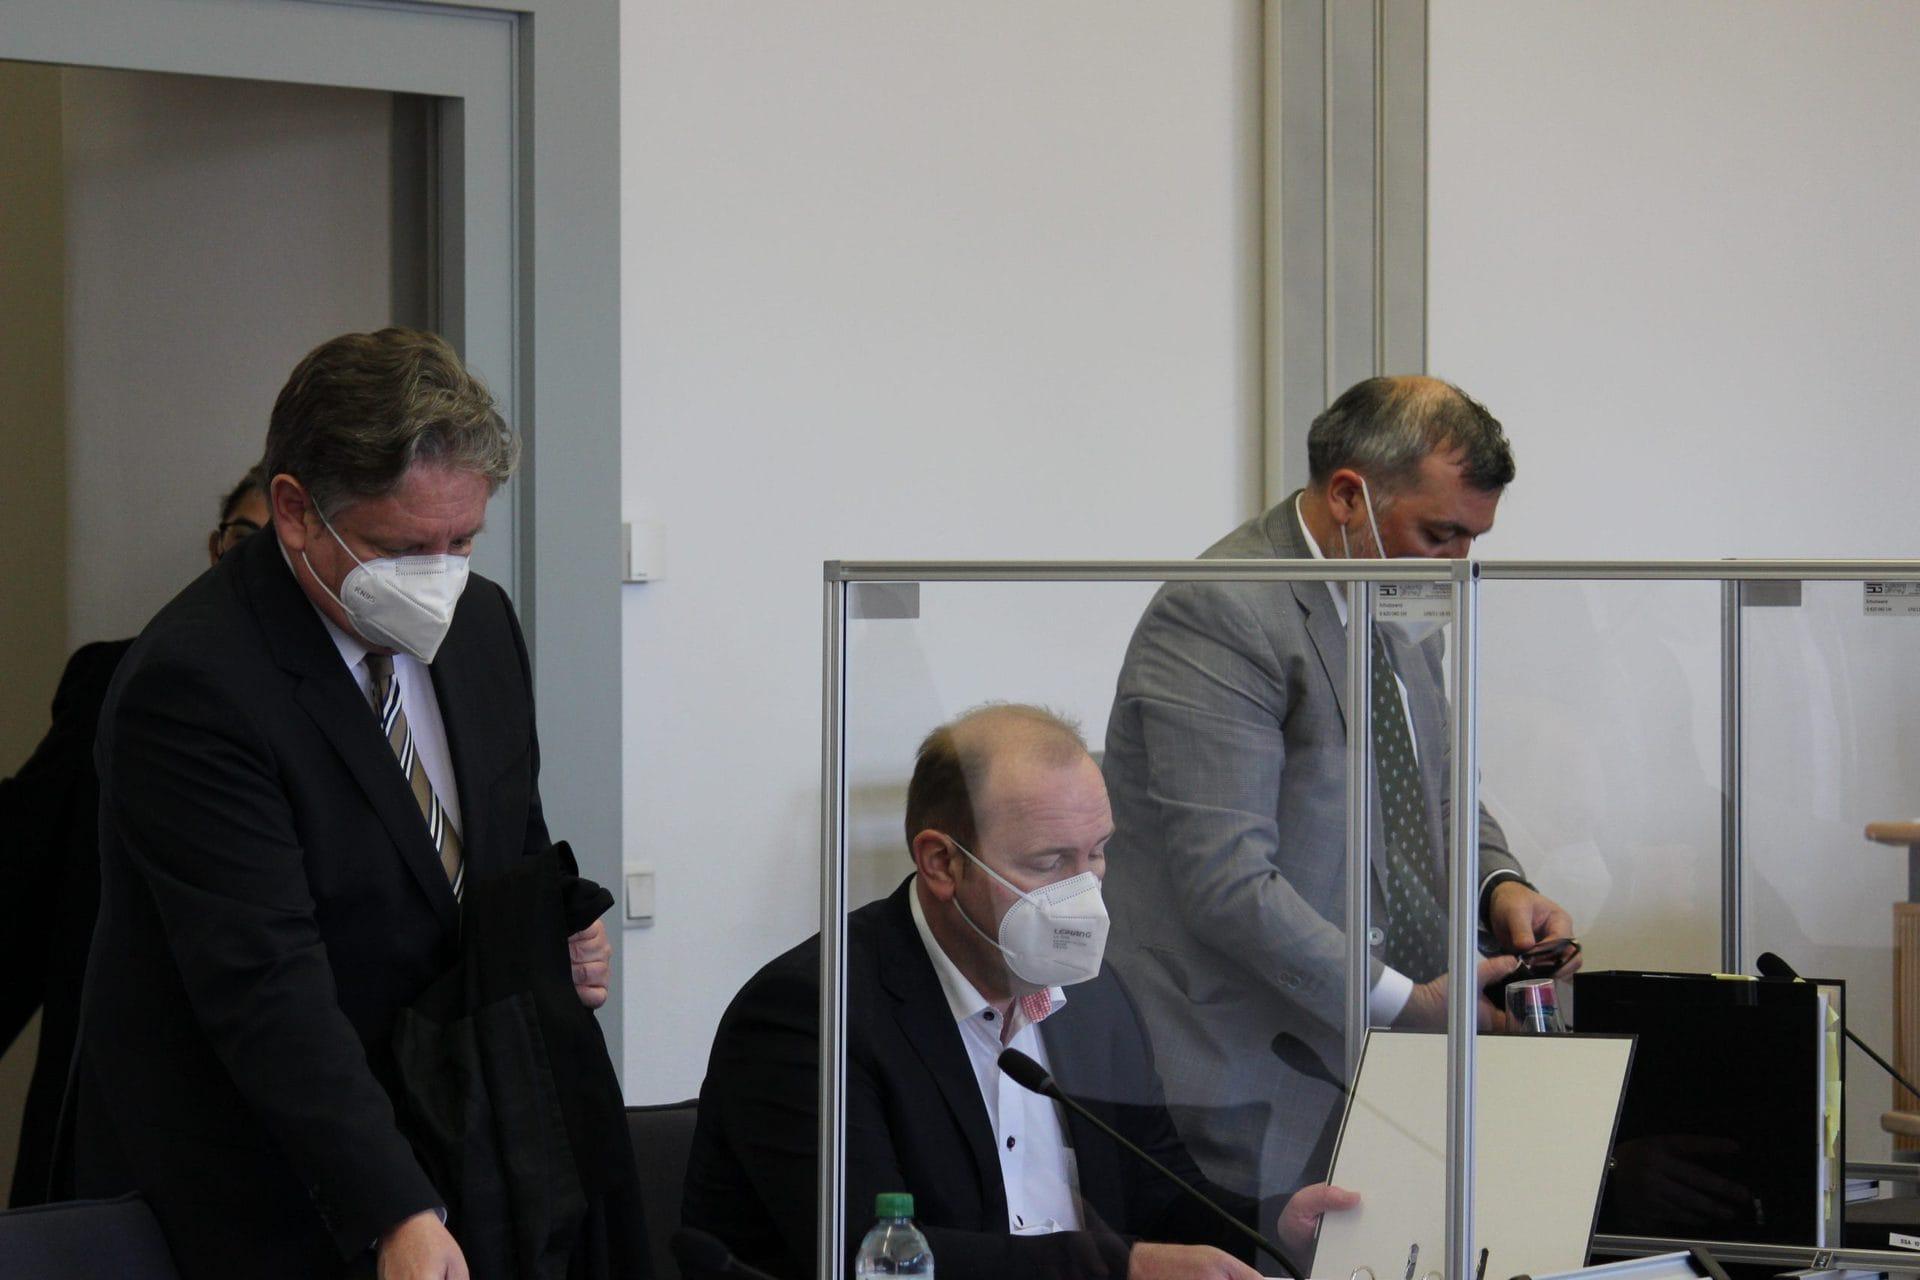 Grund zur Freude für Angeklagten? Dritter Verhandlungstag im Fall Christian Schlegl